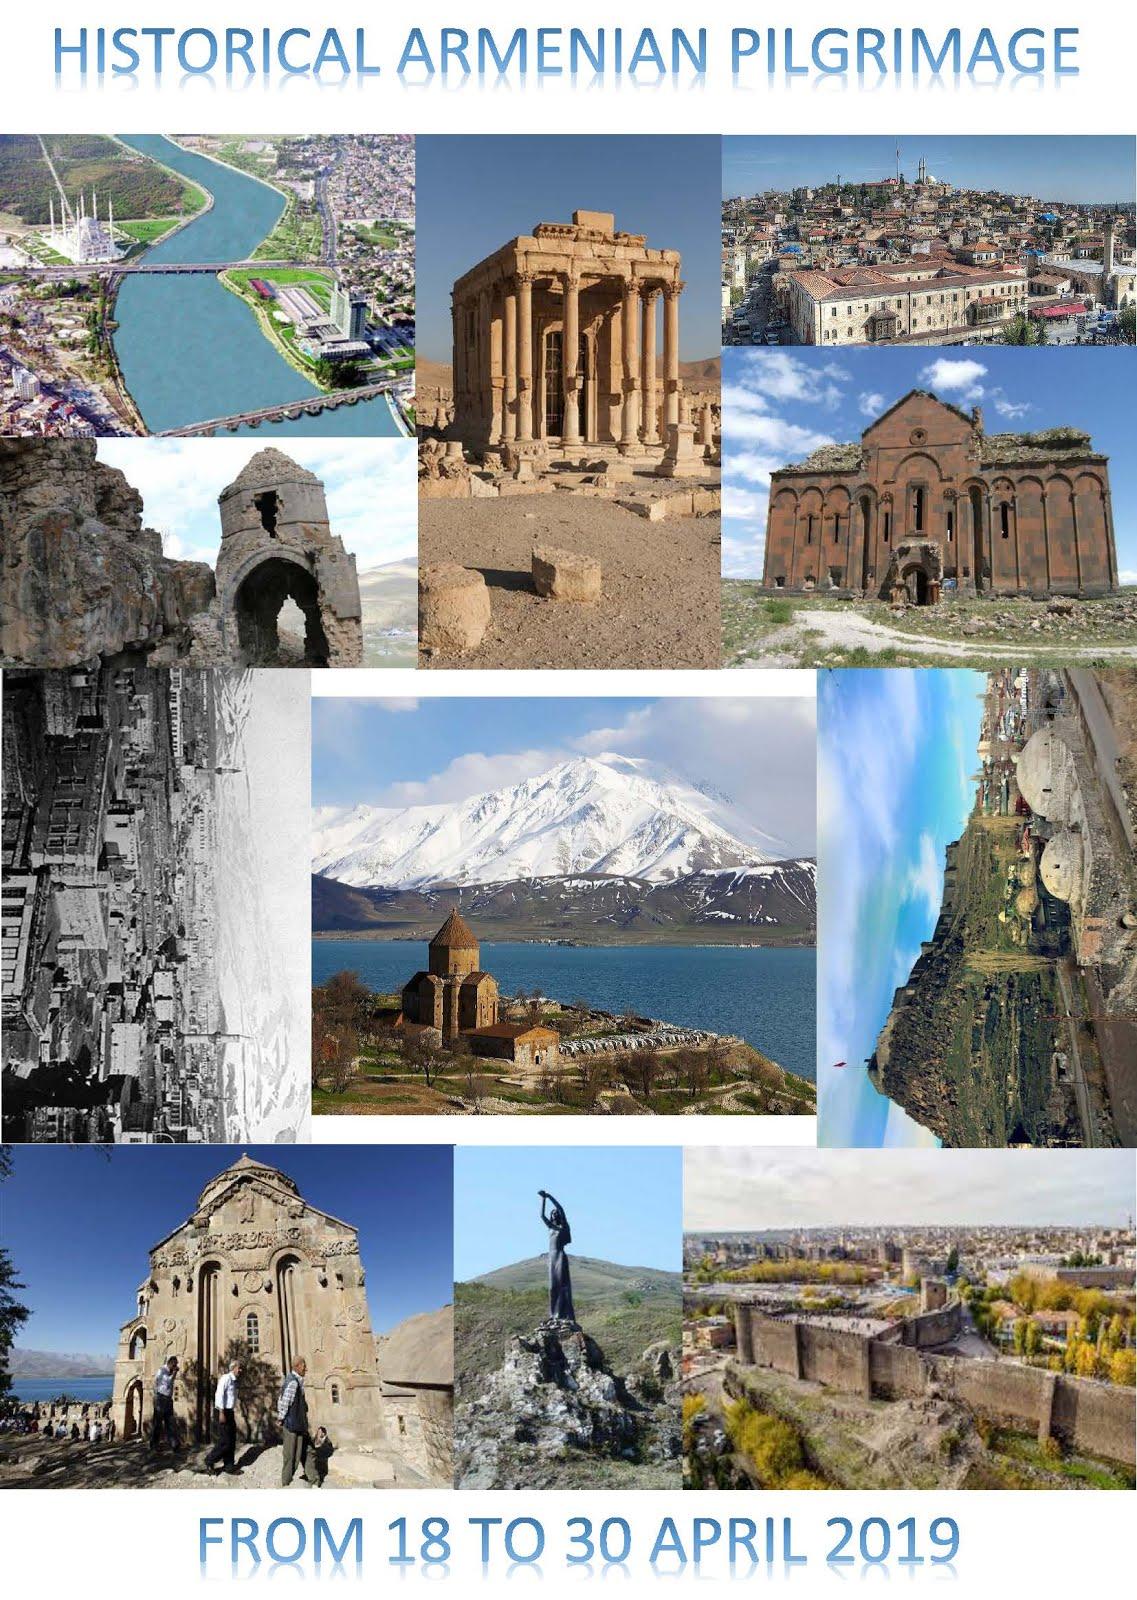 PELLEGRINAGGIO NELL'ARMENIA STORICA